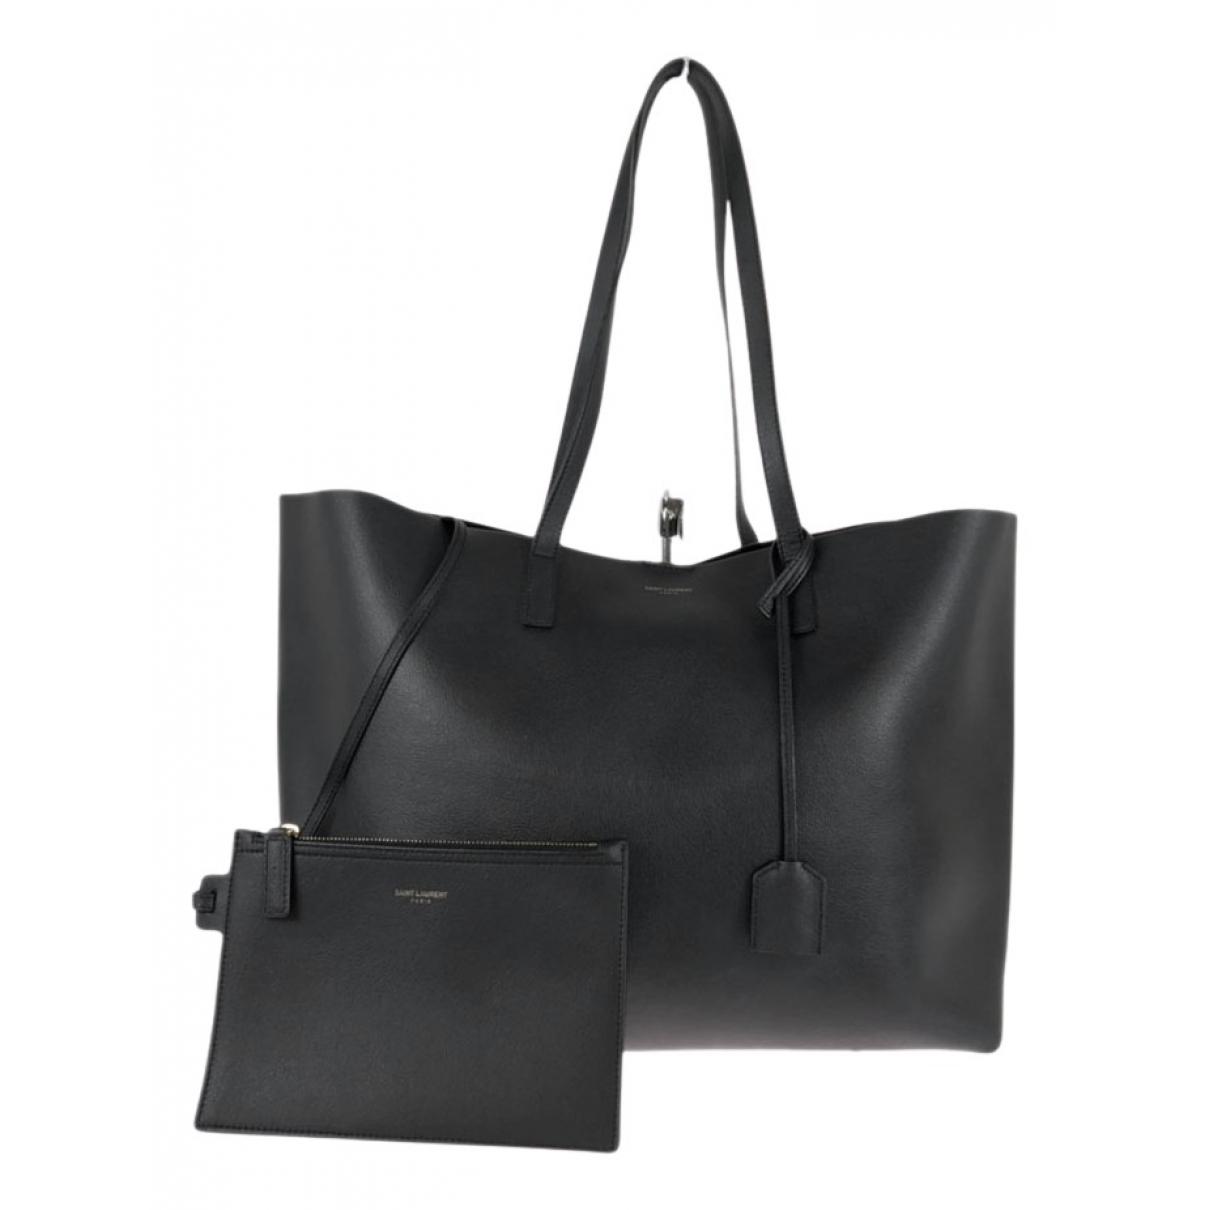 Saint Laurent N Black Leather handbag for Women N